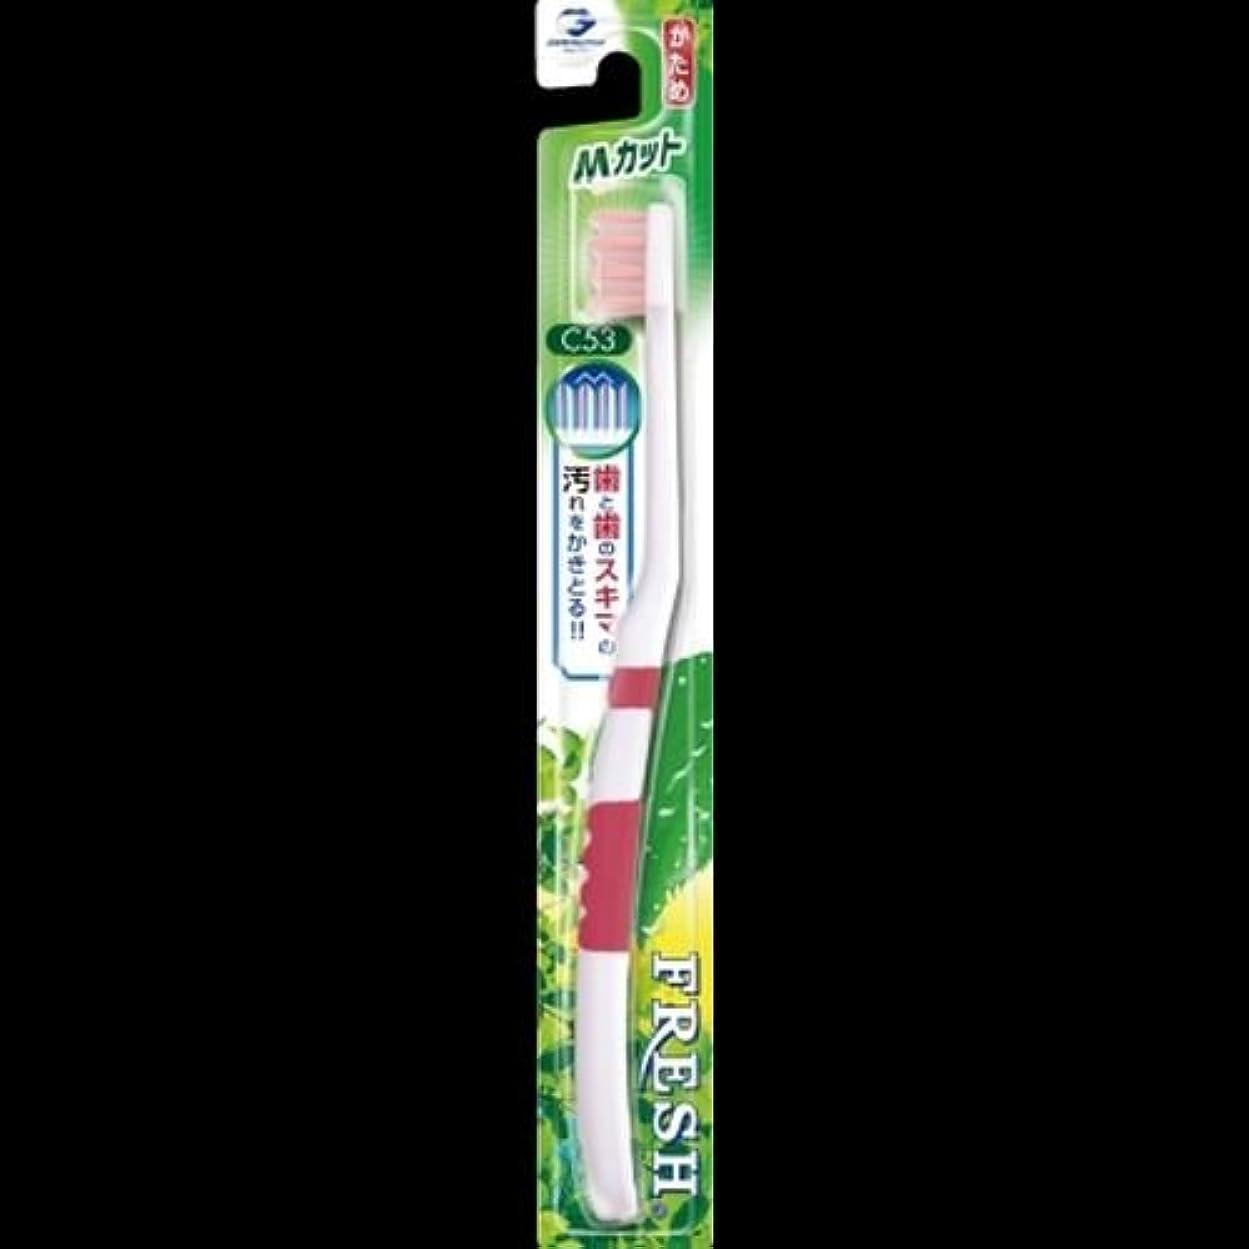 ゲストセミナー不適切なフレッシュ ハブラシ3 Mカット かため アソート(ホワイト&ブルー?ホワイト&グリーン?ホワイト&ピンク?ホワイト&イエローのうち1色。色はおまかせ) ×2セット